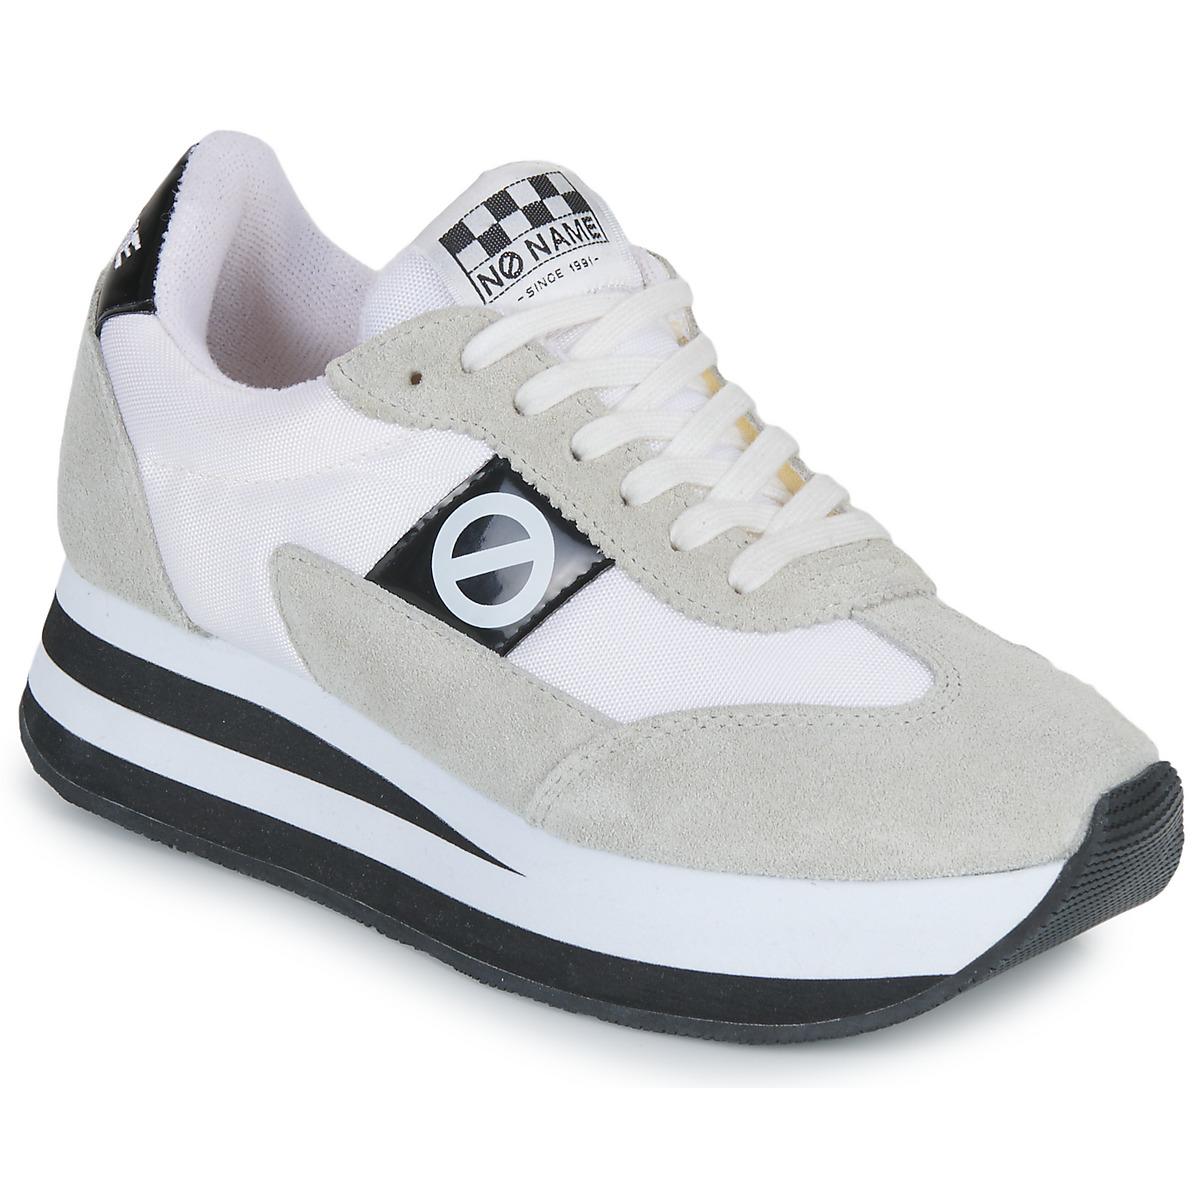 zapatos tiger onitsuka en panama y colombia precios domingos